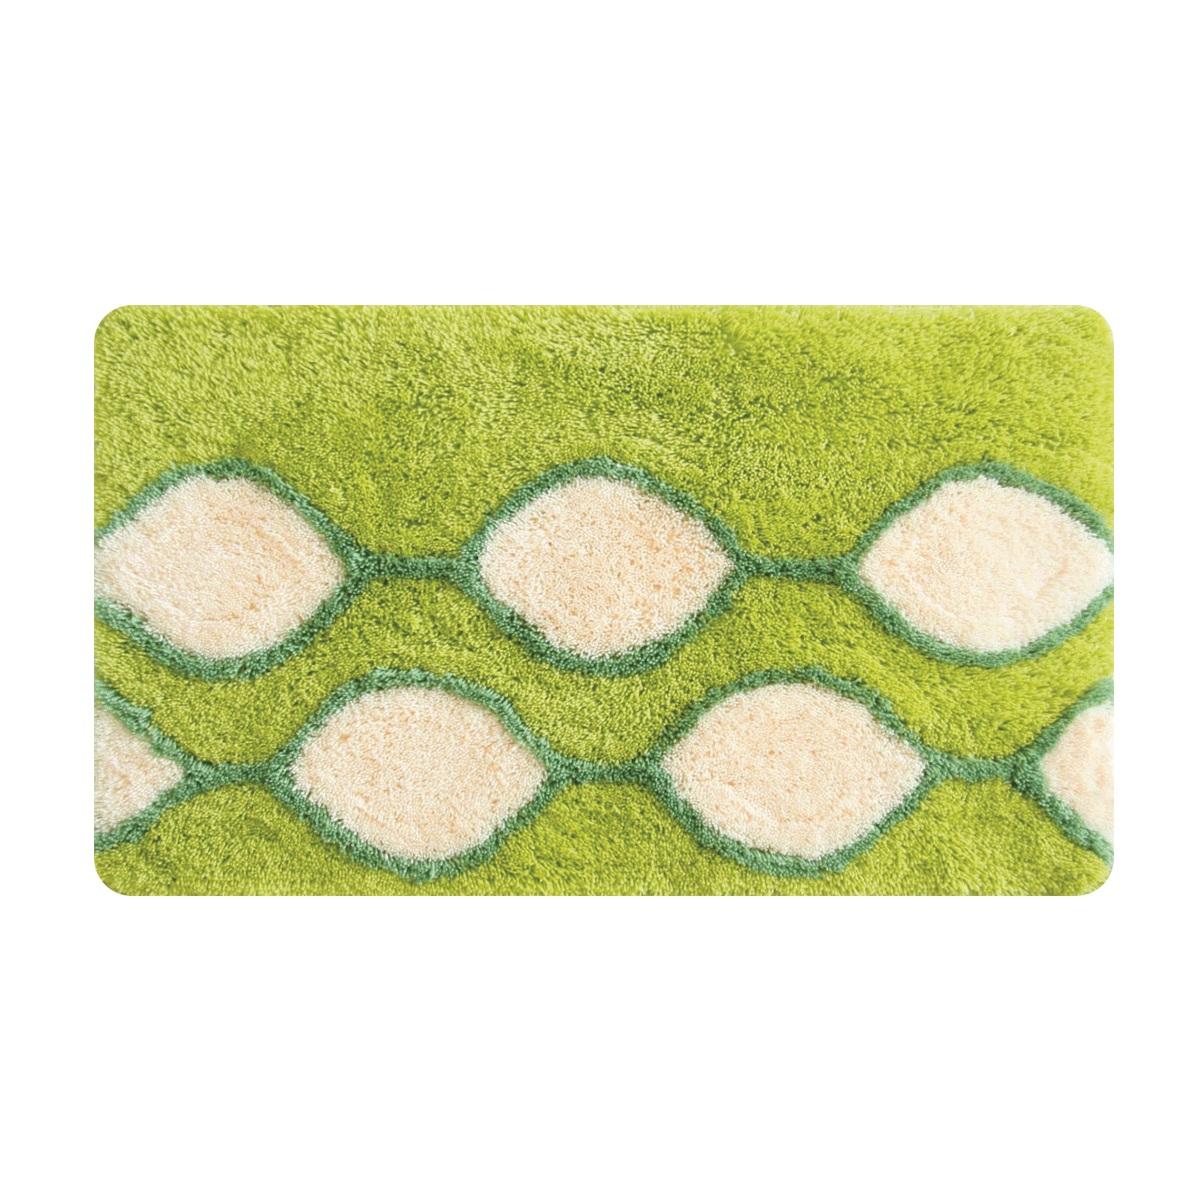 Коврик для ванной Iddis Curved Lines Green, цвет: зеленый, 50 х 80 см402A580I12Коврик для ванной комнаты Iddis выполнен из 100% акрила. Коврик имеет специальную латексную основу, благодаря которой он не скользит на напольных покрытия в ванной, что обеспечивает безопасность во время использования. Коврик изготавливается по специальным технологиям машинного ручного тафтинга, что гарантирует высокое качество и долговечность.Высота ворса: 2,5 см.